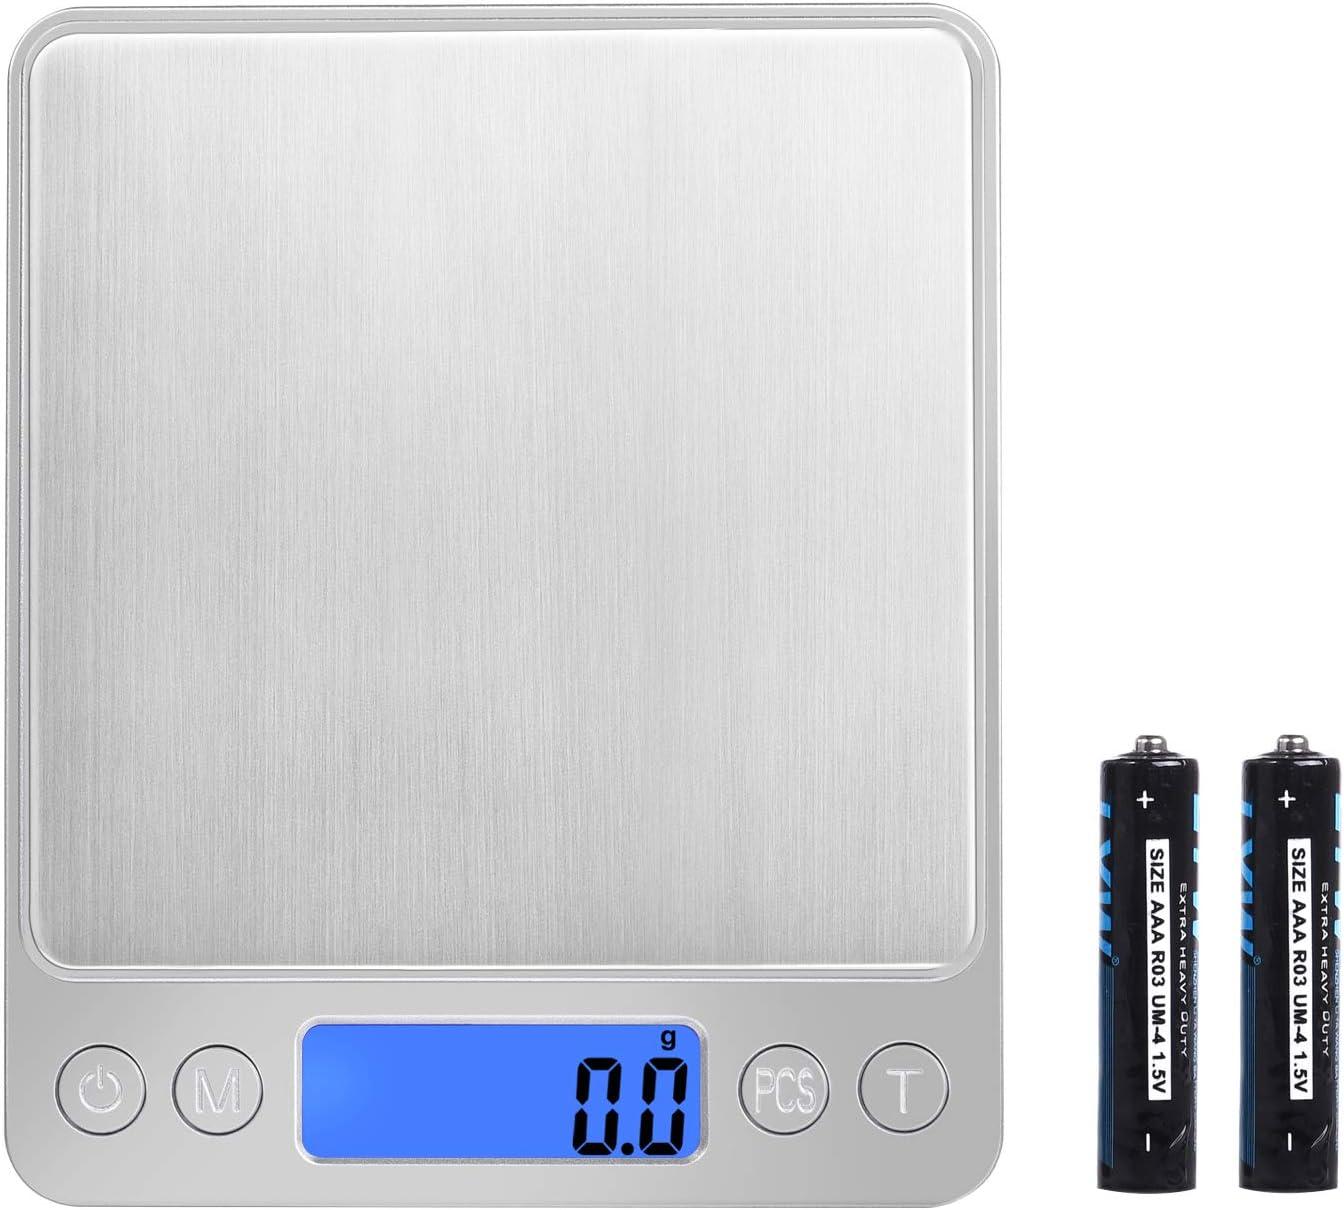 Mini Báscula de Precisión 0.1-3000g Peso Báscula de Gramos Digital de Bolsillo 6 Unidades Luz de Fondo y Apagado Automatico con 2 Platos para Cereales Ingredientes Cocina Joyería